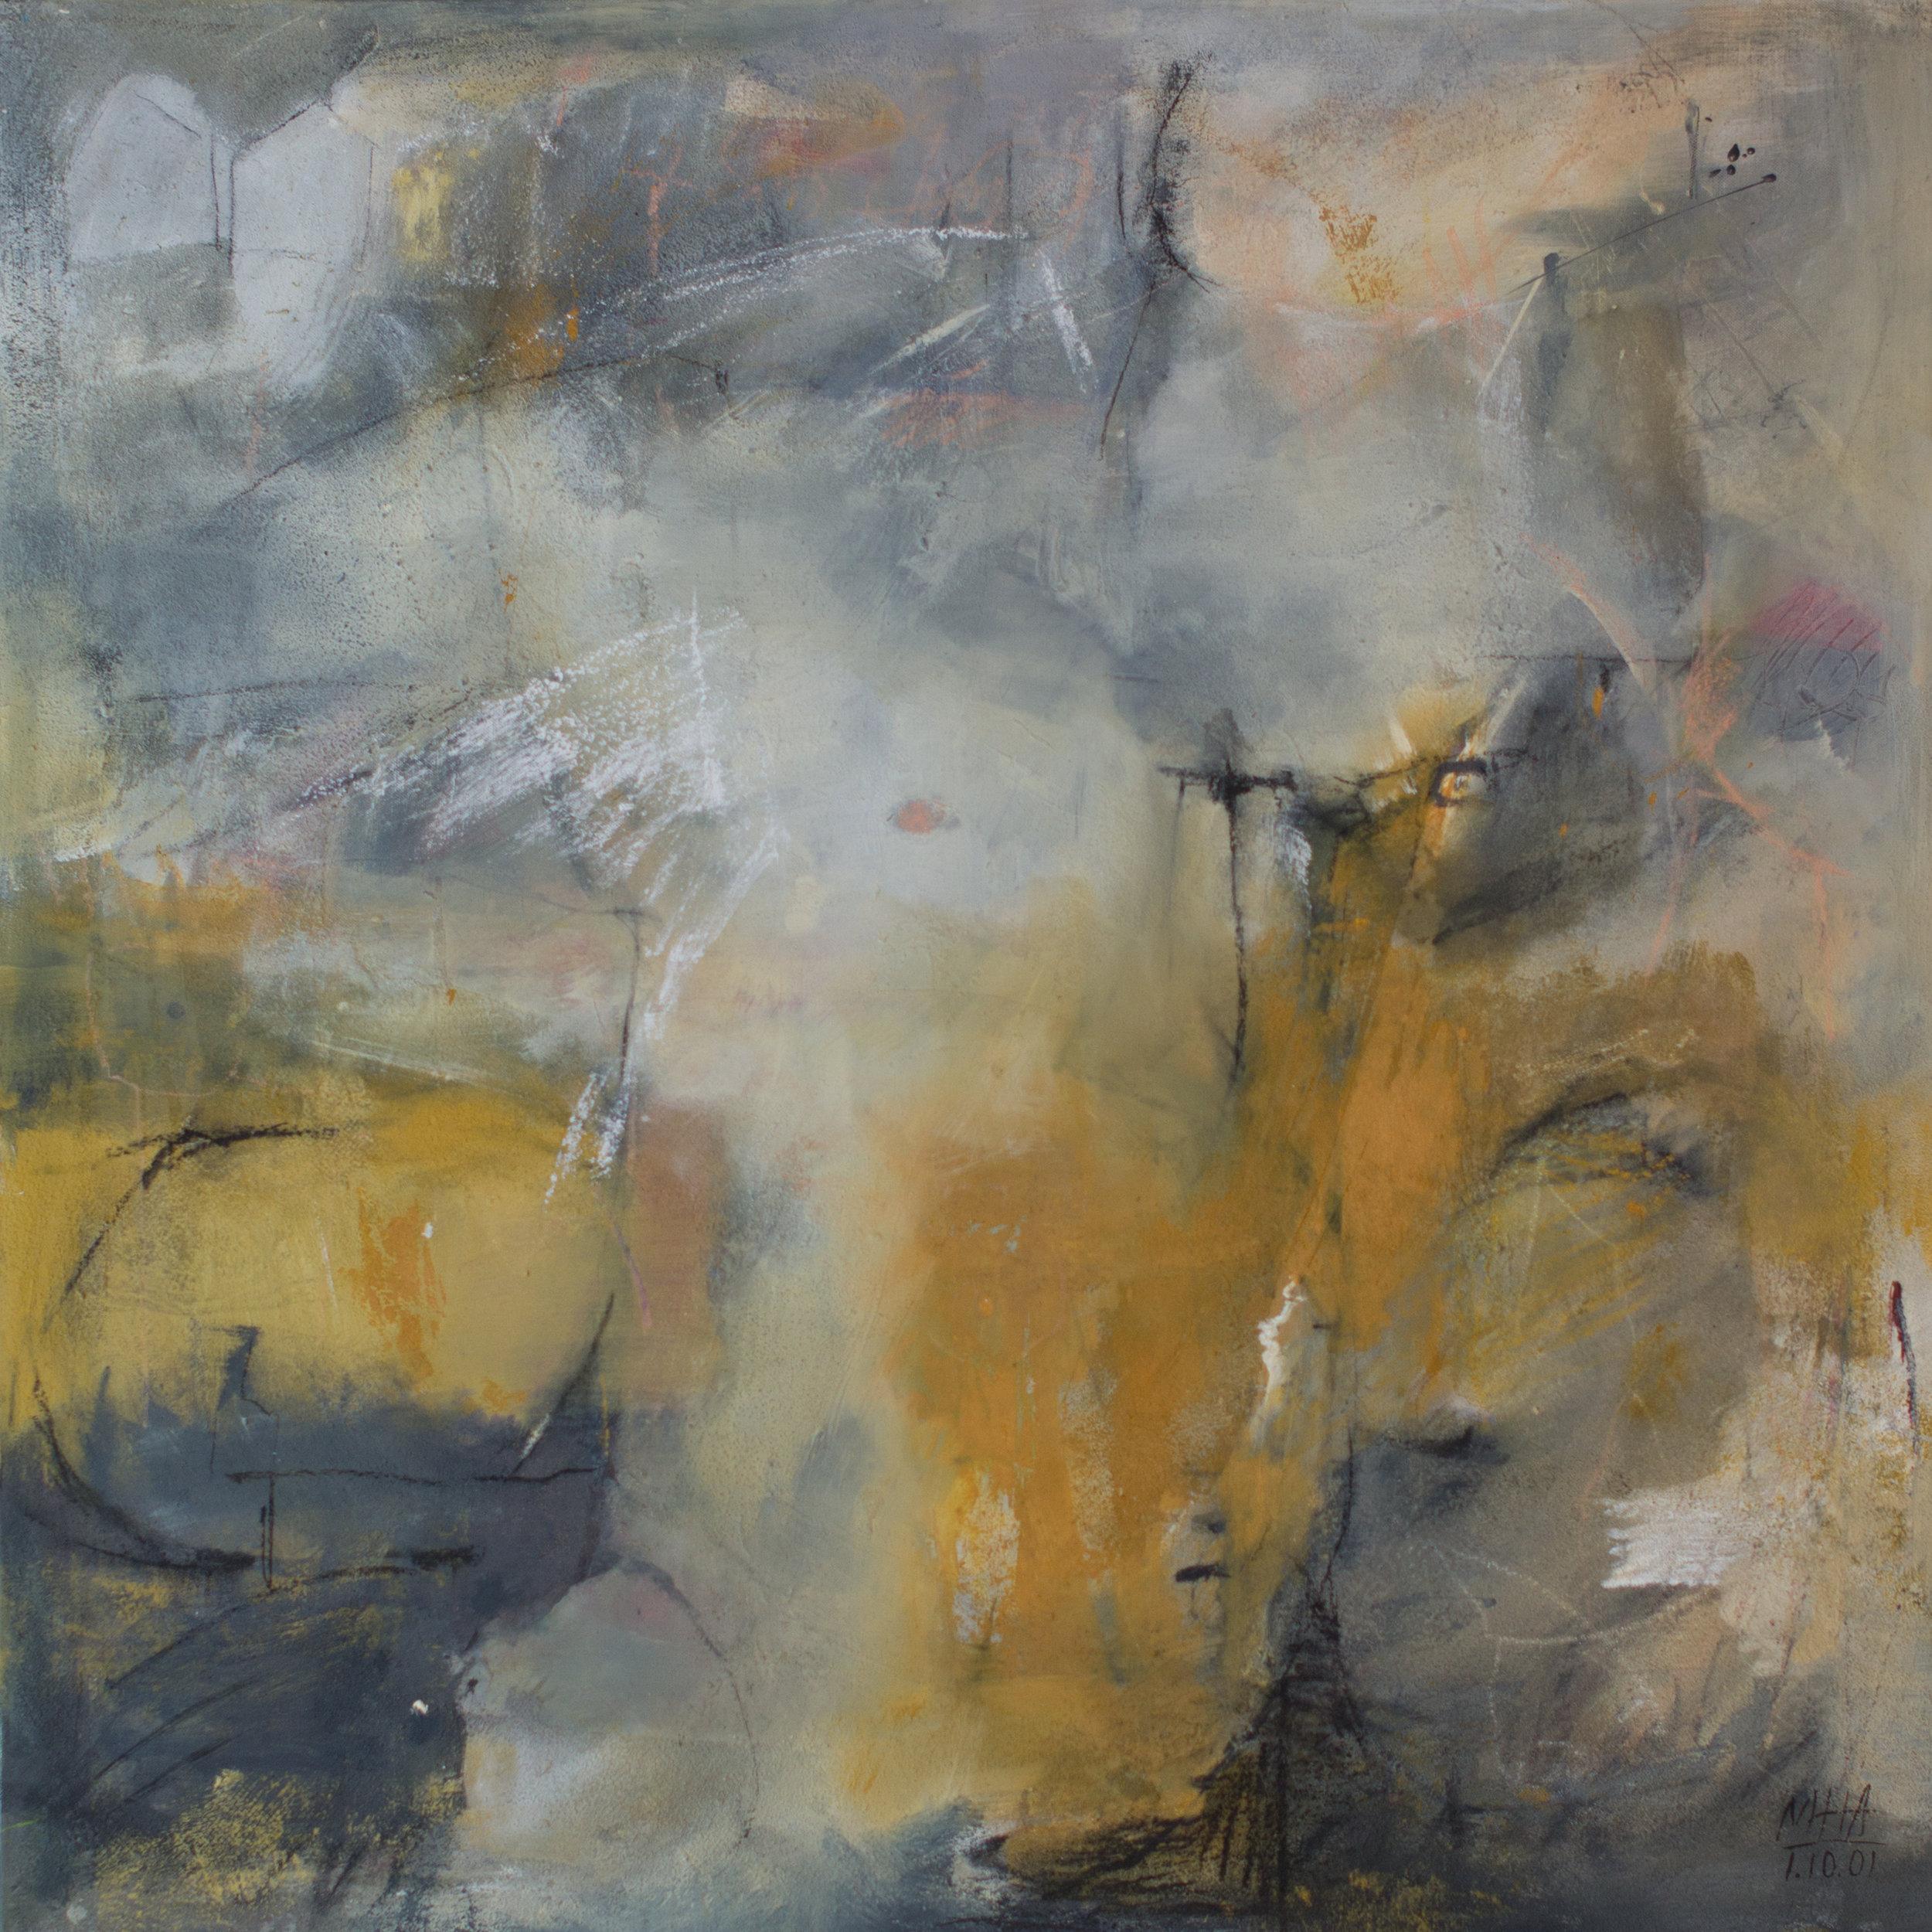 mit Flügel ,2001,Acryl auf Leinwand - Mischtechnik, 100x100 cm